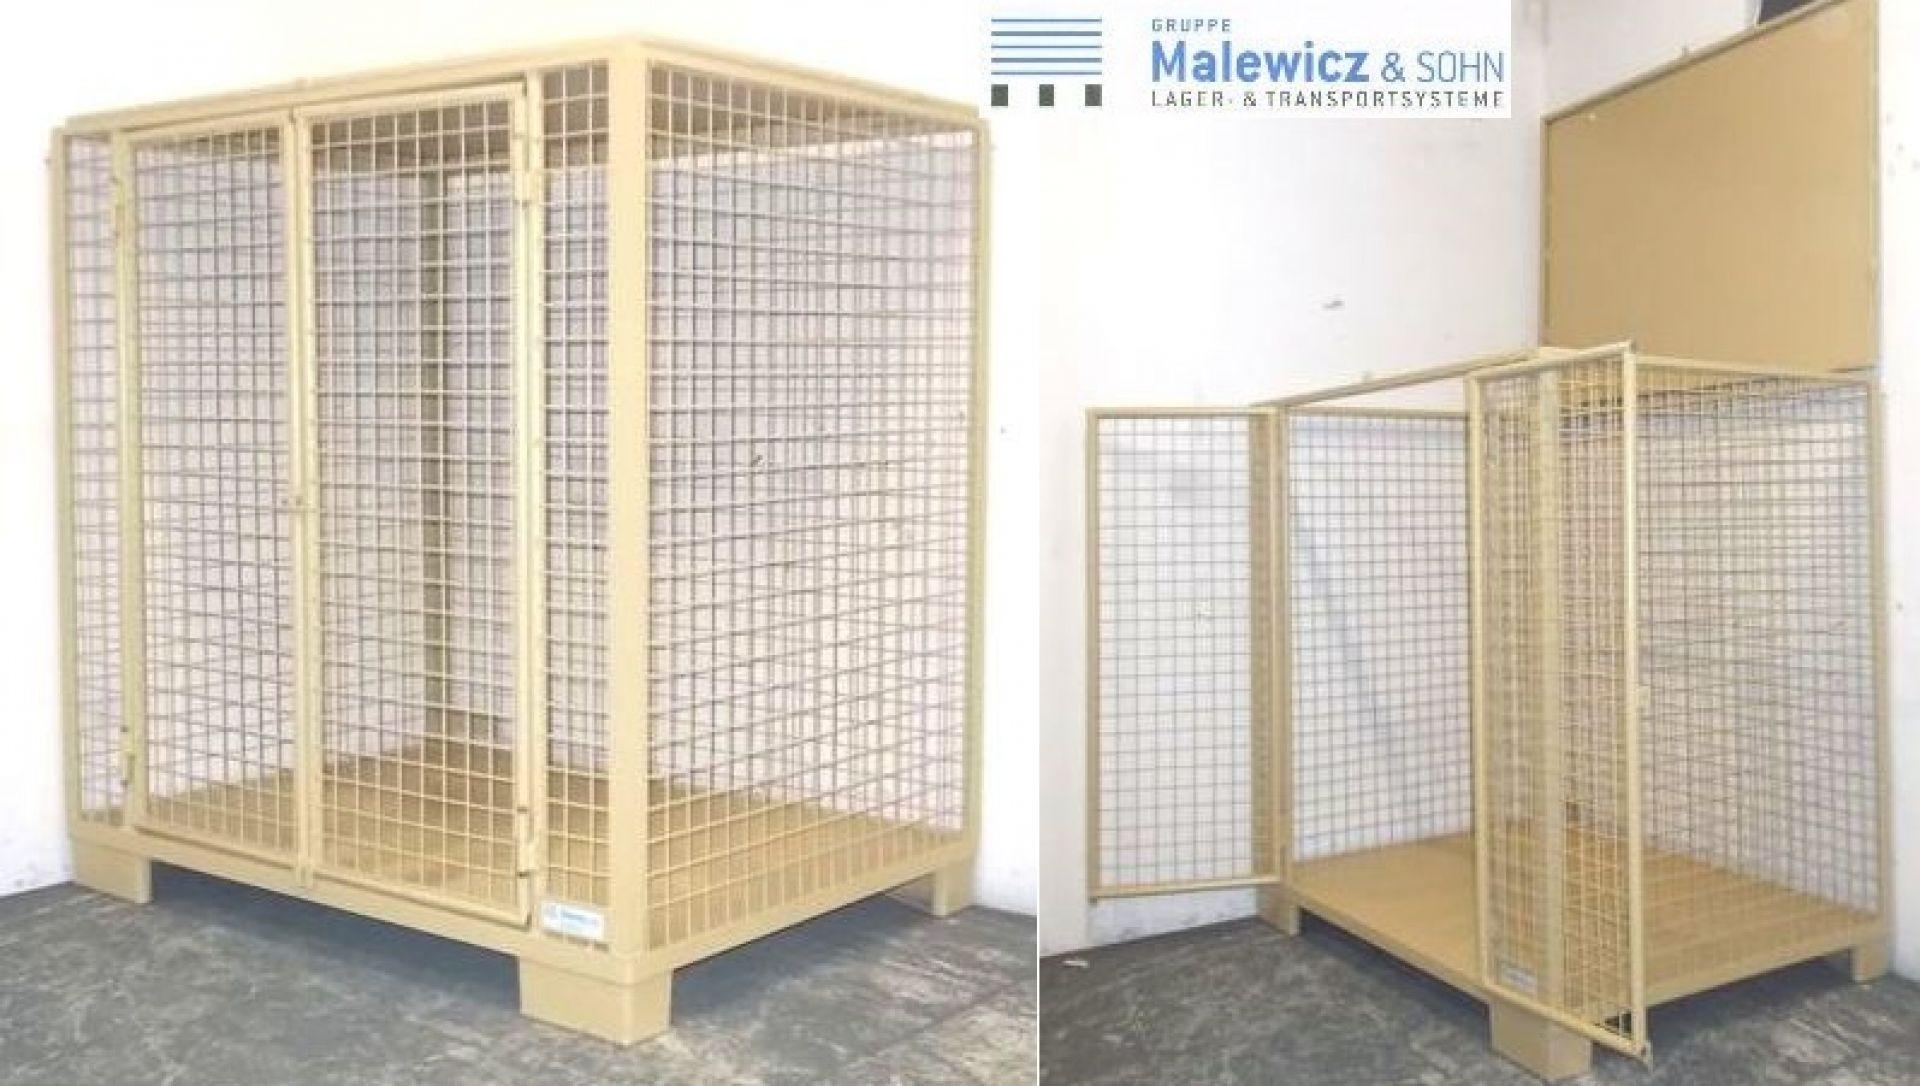 Gitterbehälter Türen und Deckel